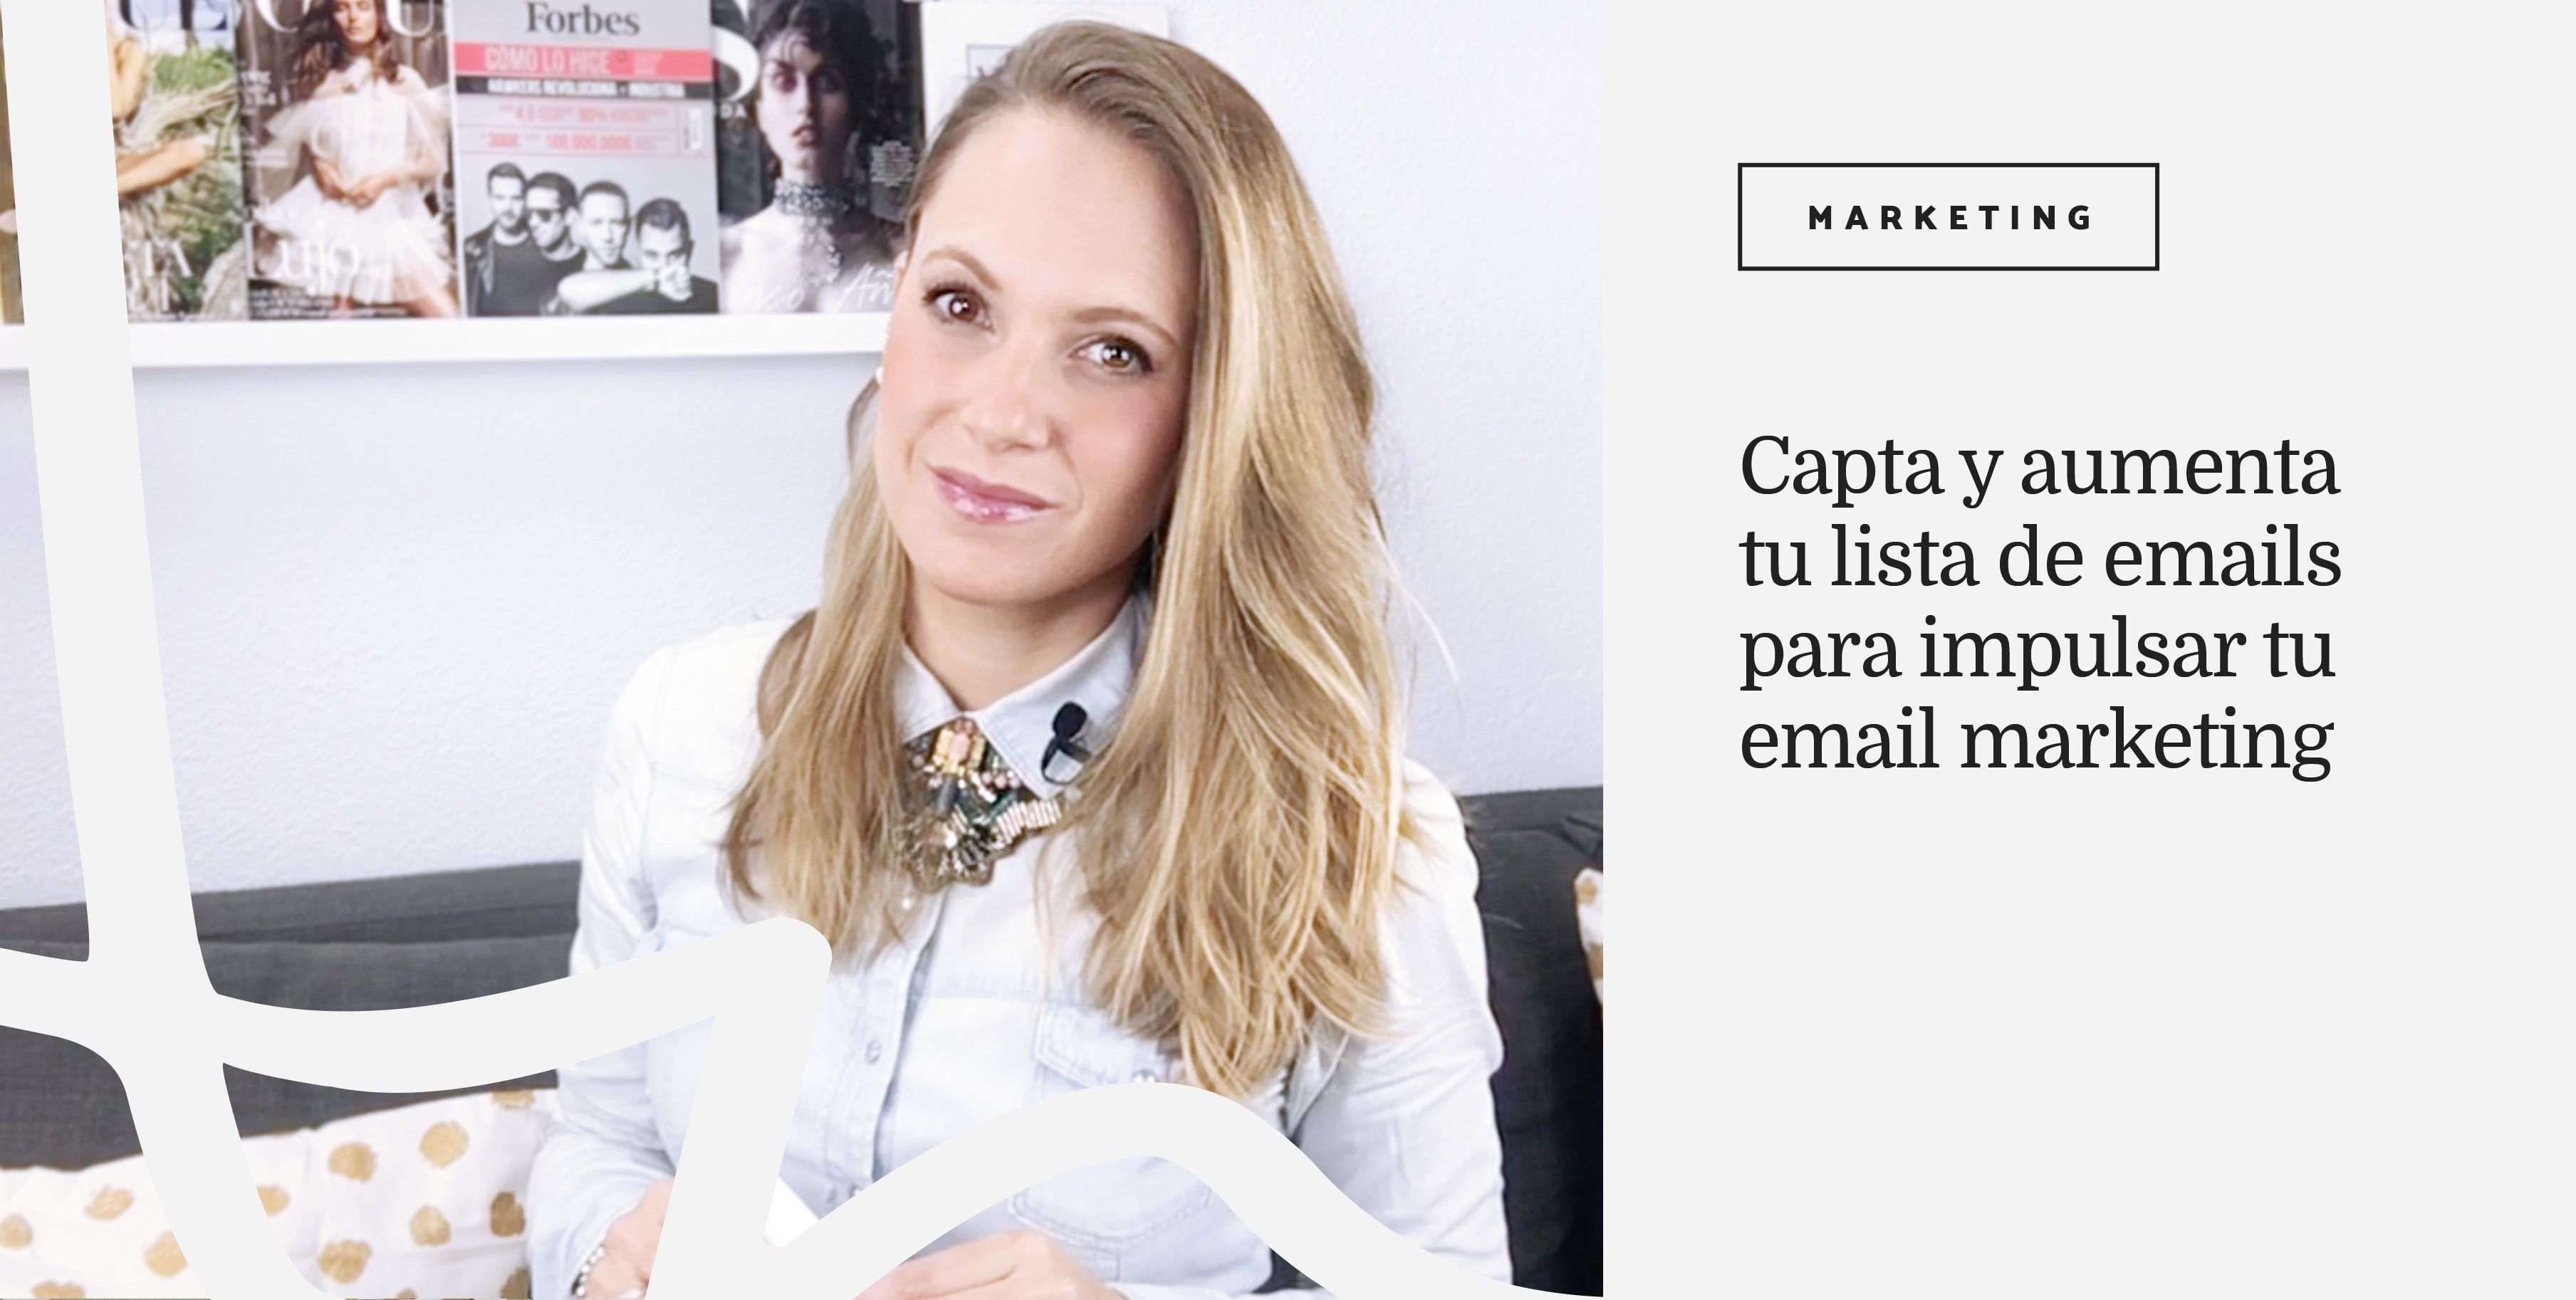 Aumentar-Lista-de-Emails-eCommerce-Moda-Ana-Diaz-del-Rio-Portada.jpg